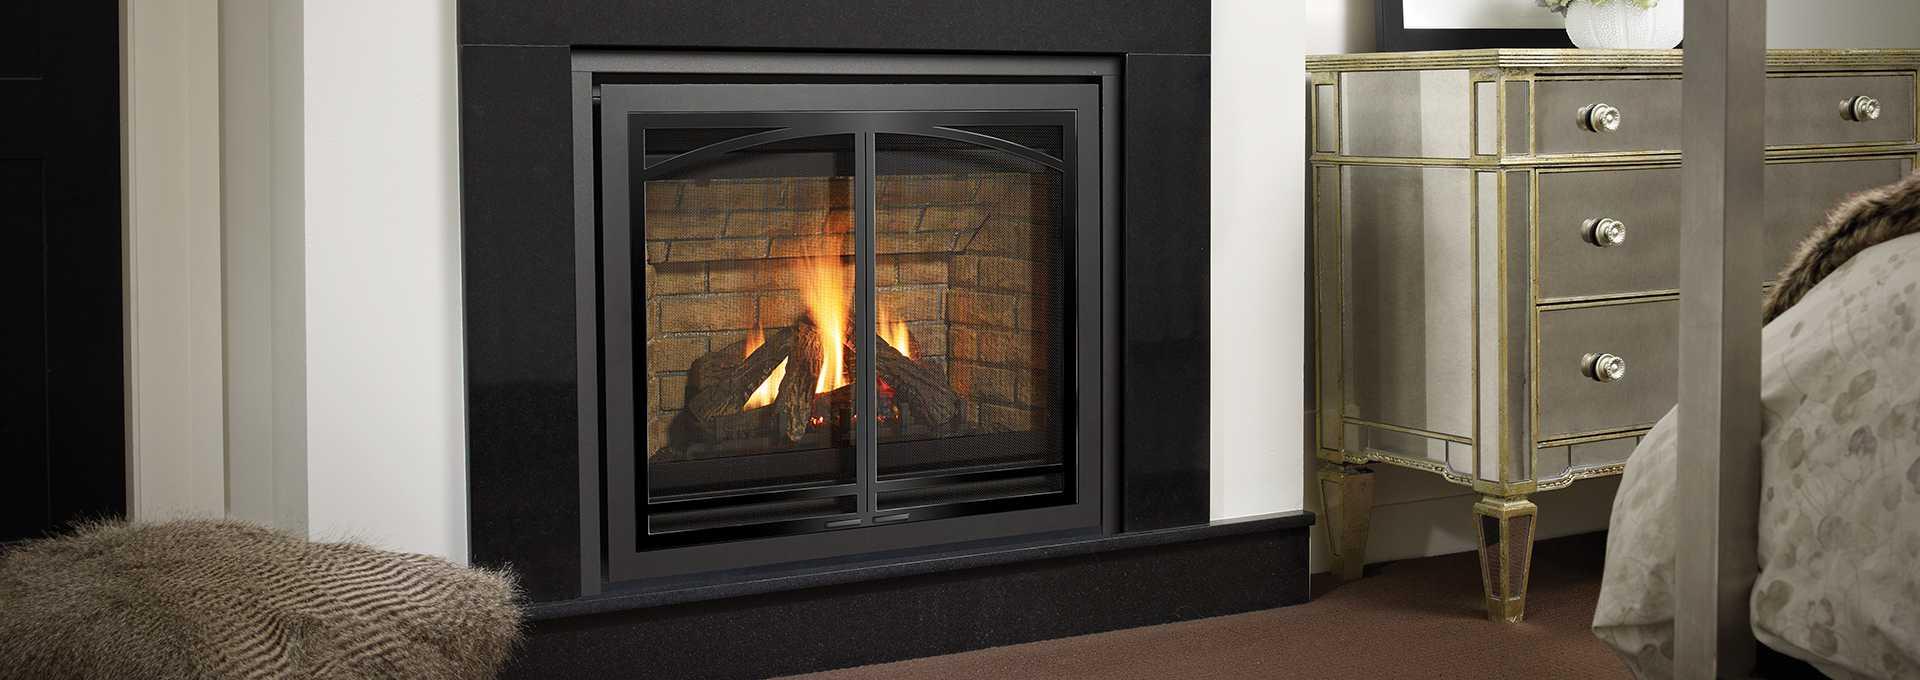 Panorama P33 Gas Fireplace-3